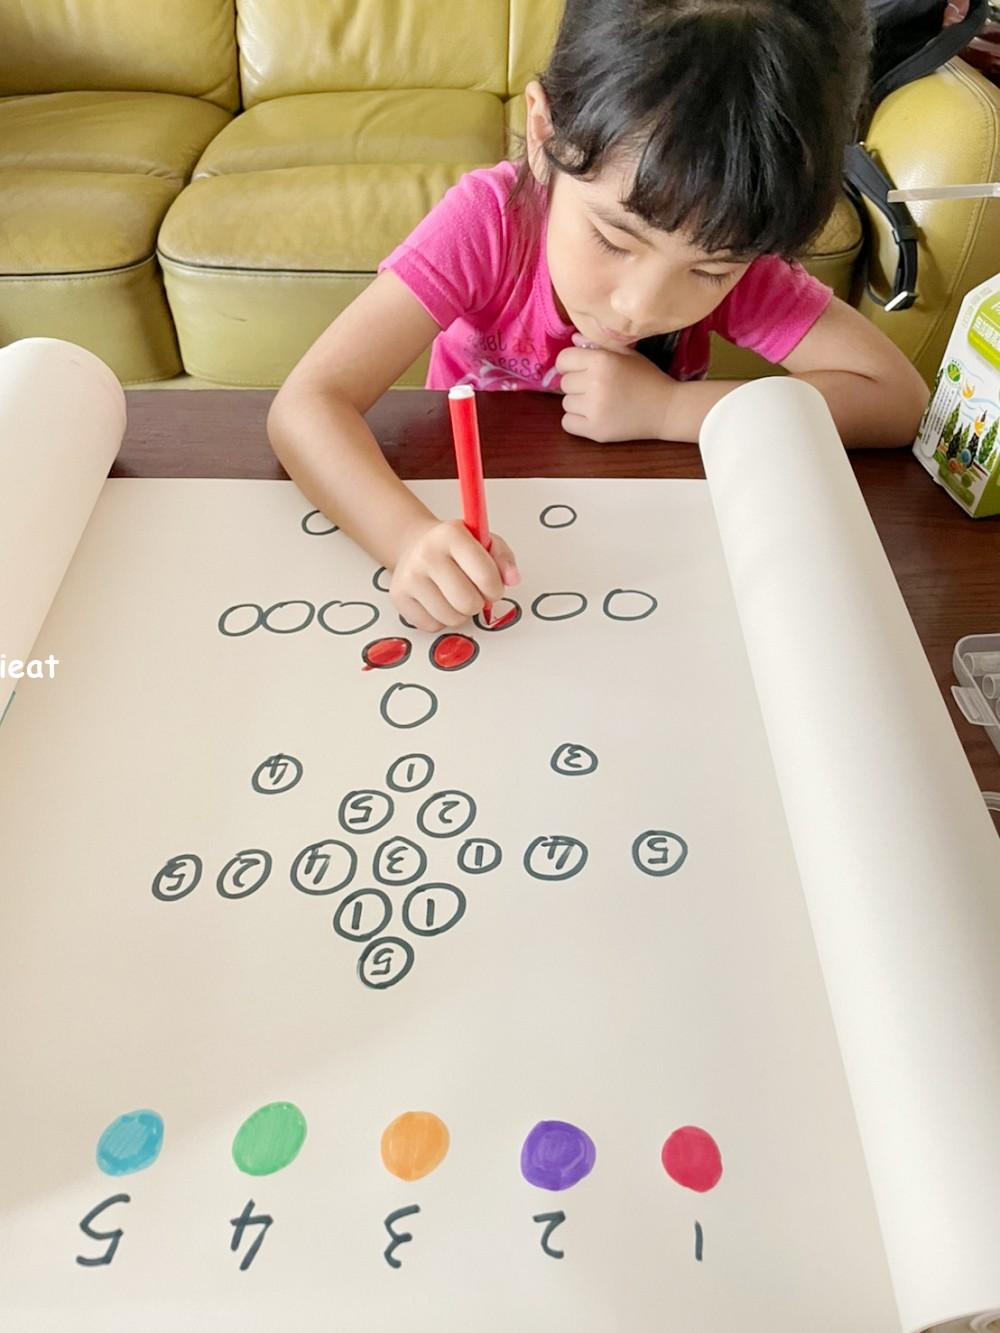 專注力訓練 小孩專注力 訓練小孩專注力 專注力遊戲 免費遊戲 在家也能玩的遊戲 在家訓練專注力 五歲小孩在家遊戲